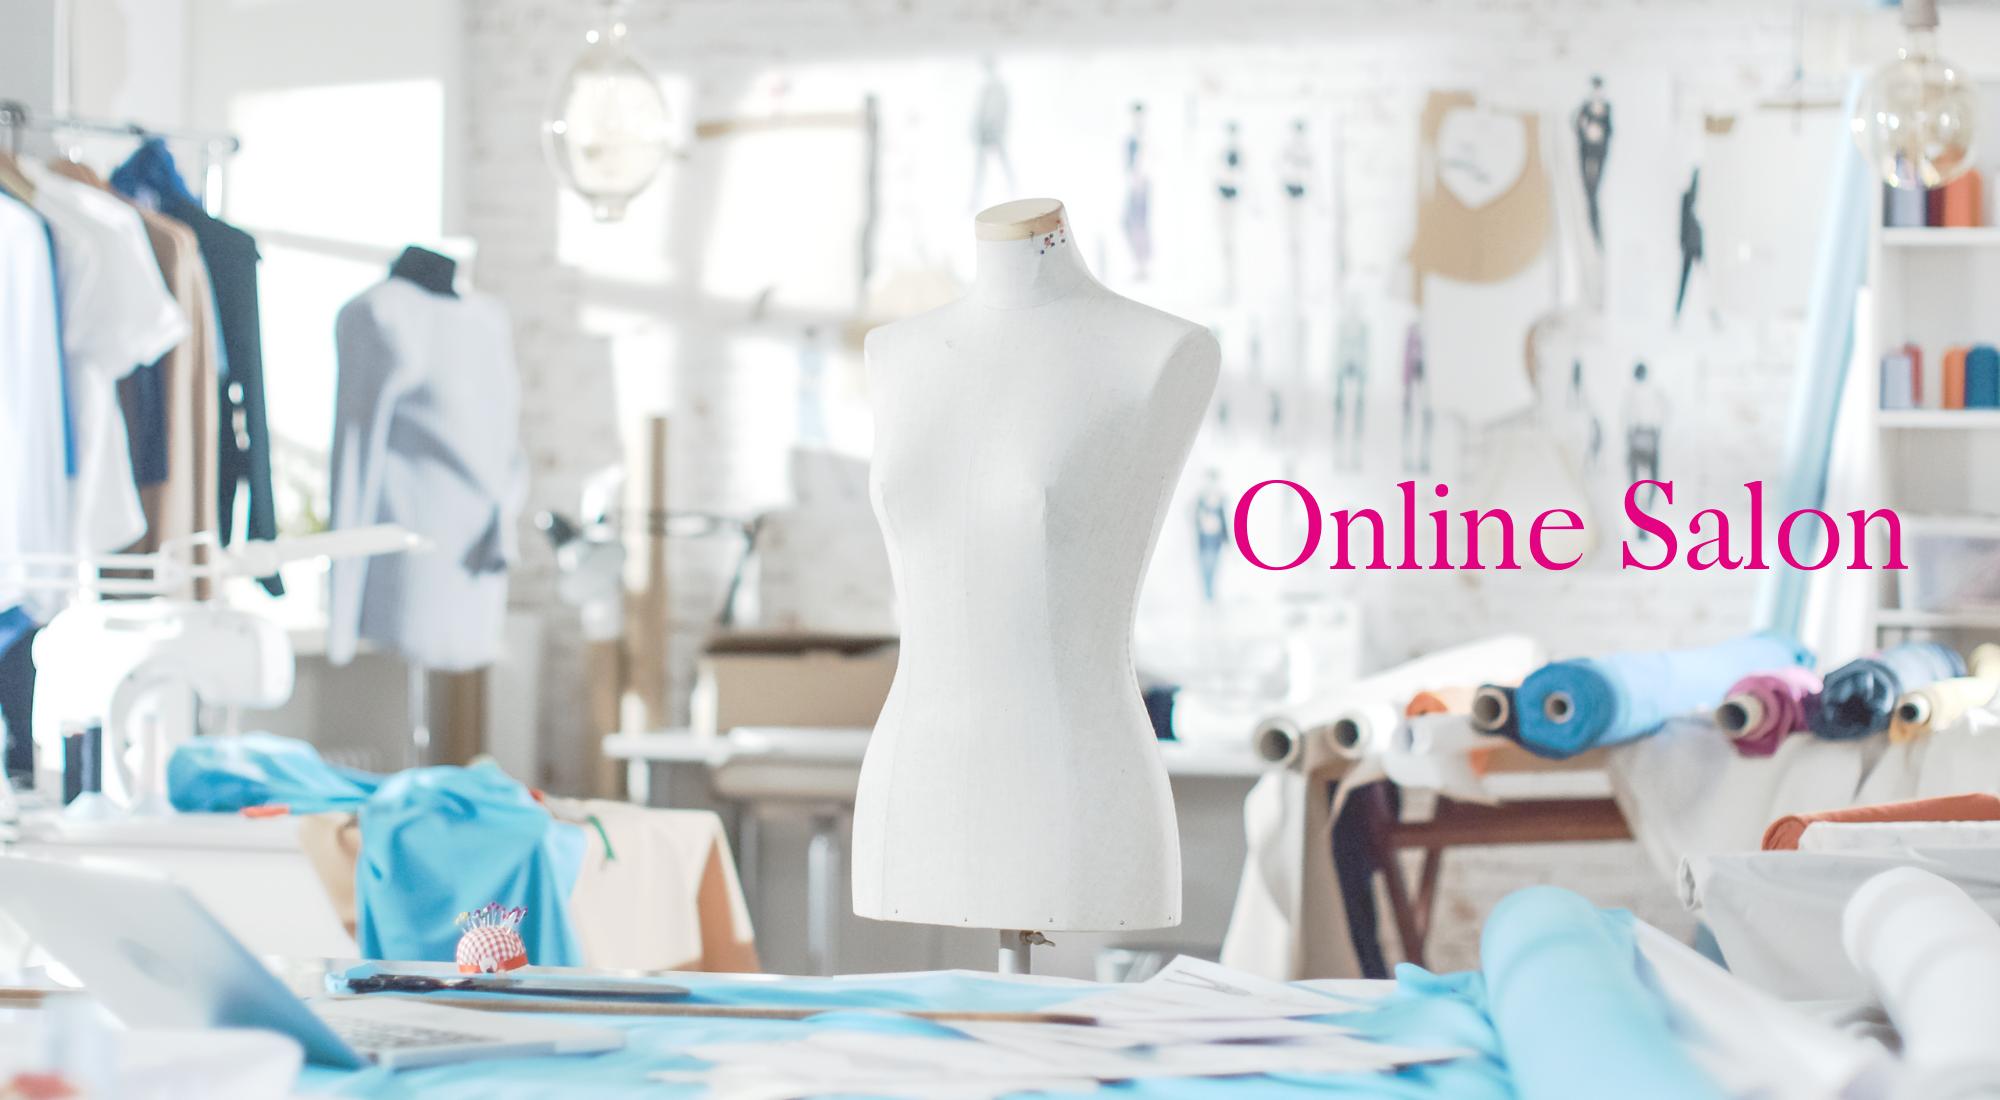 tmb_Online Salon-3